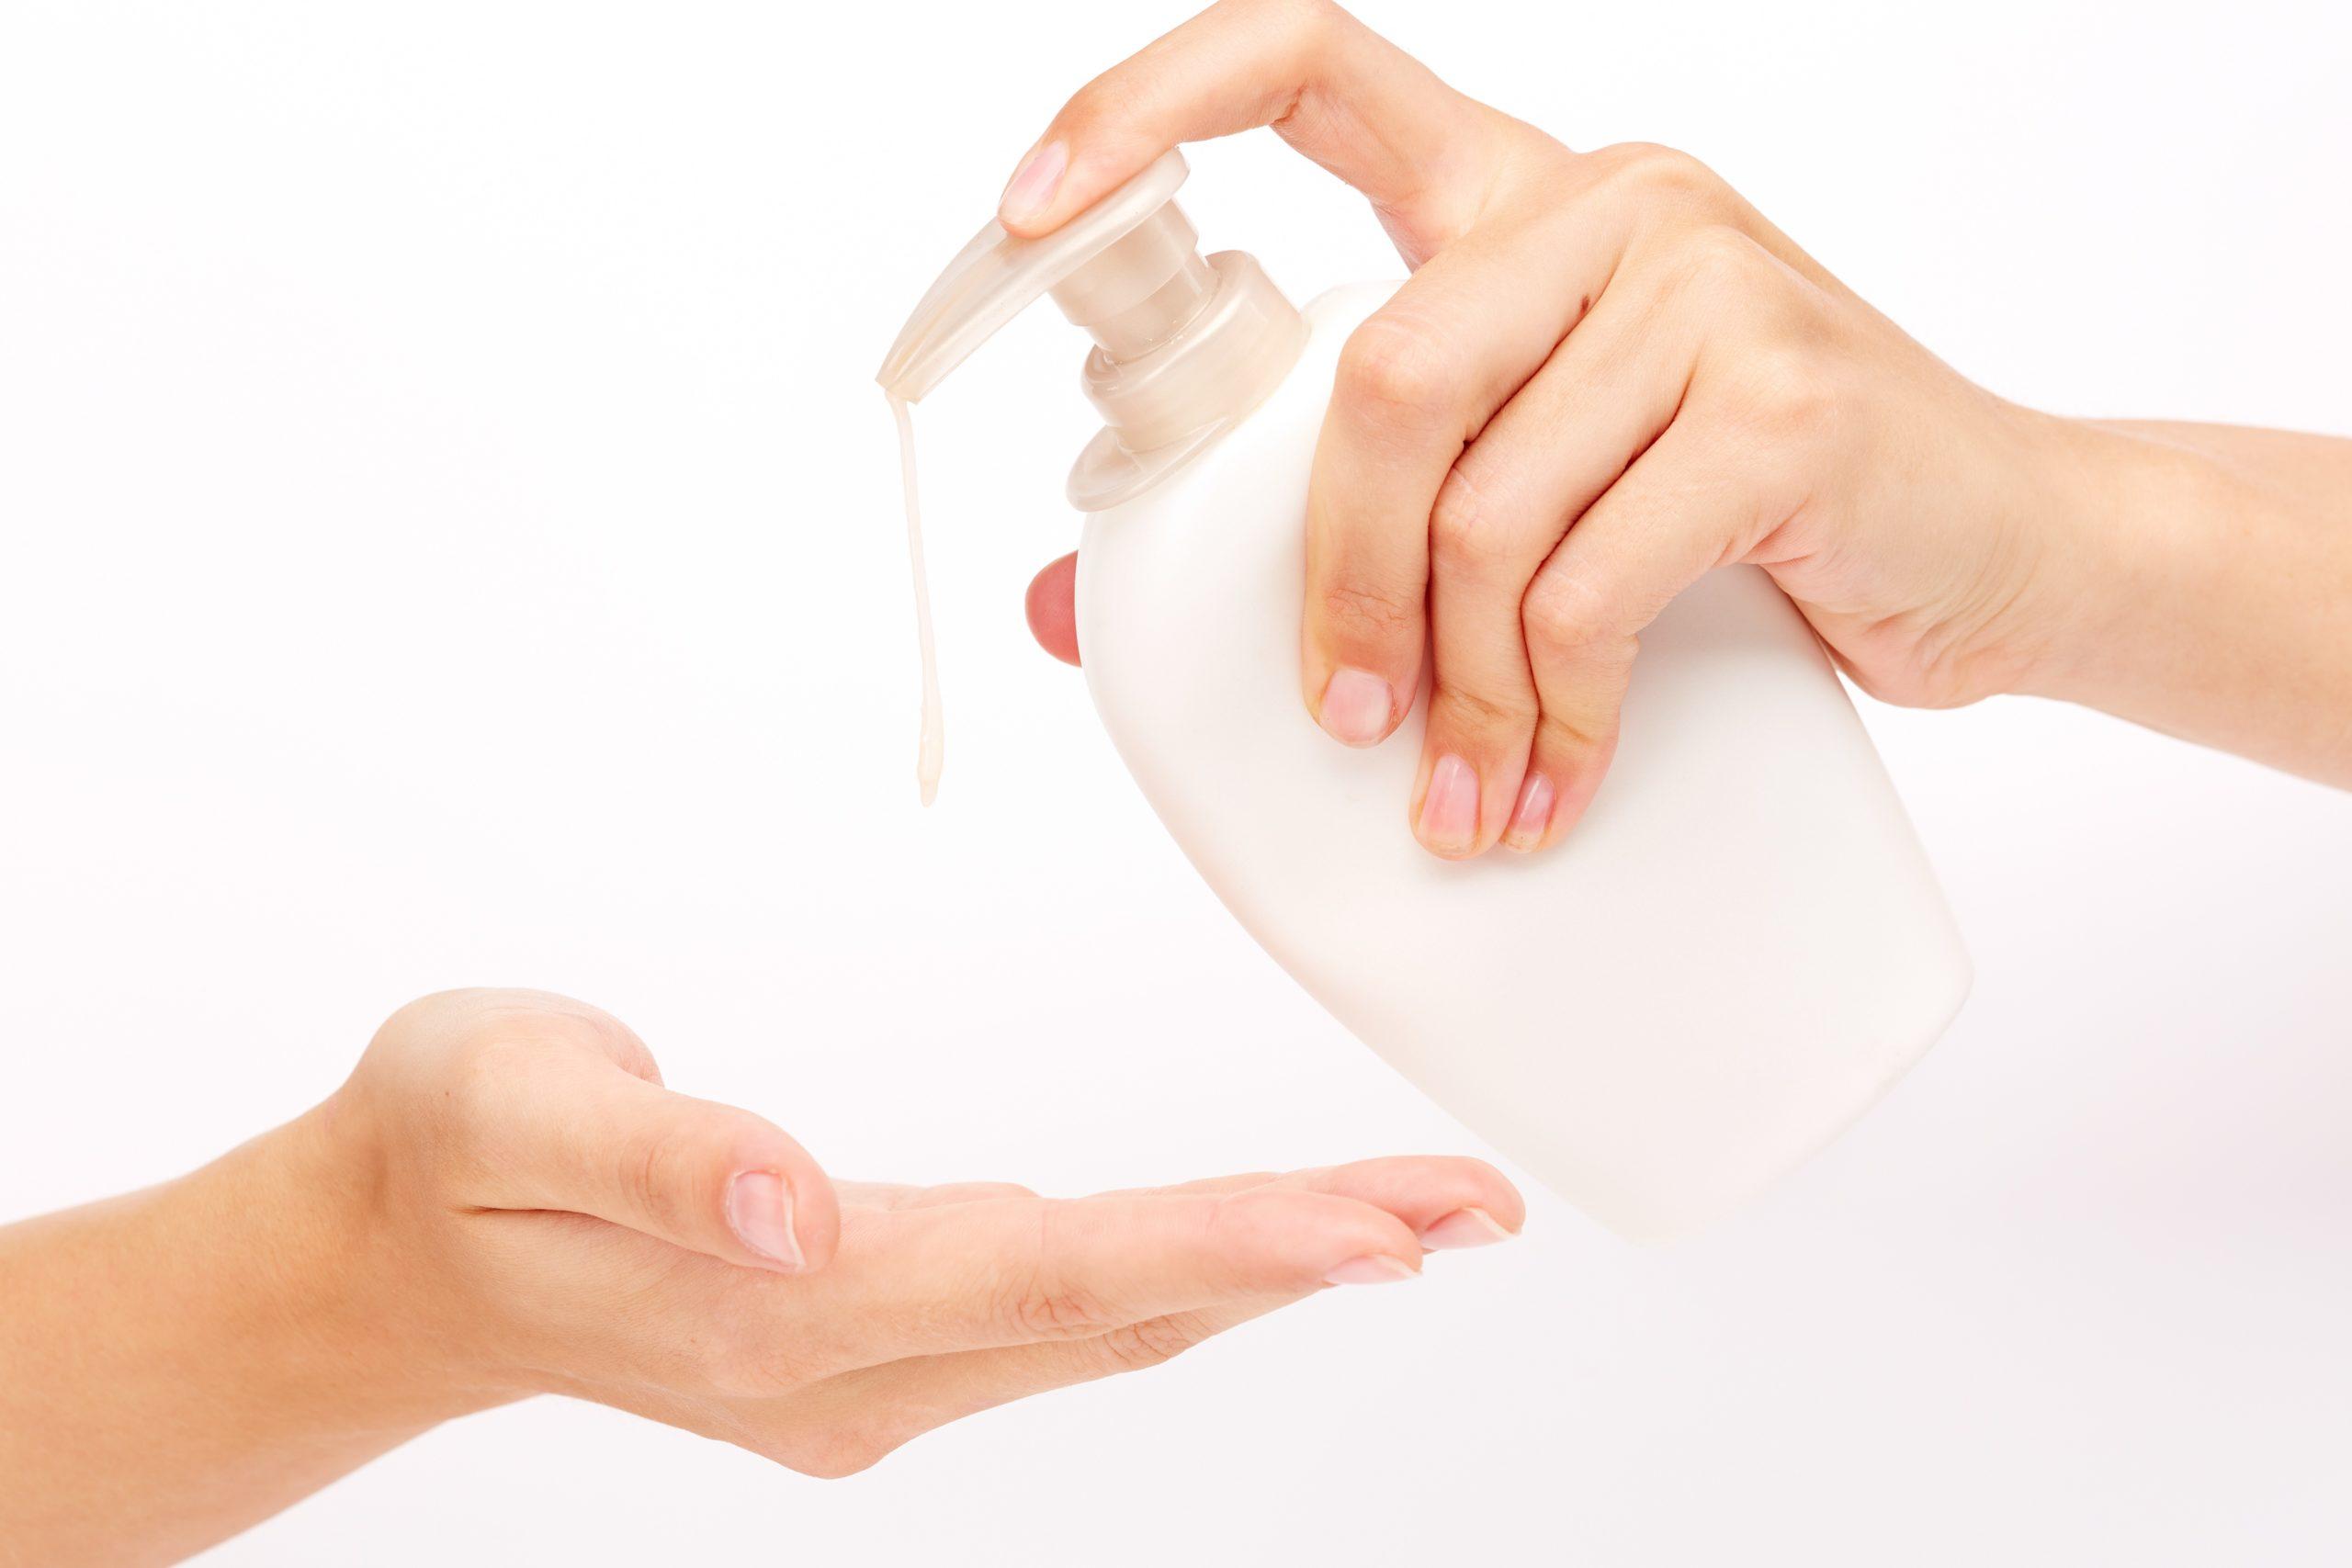 L'importanza di lavare ed igienizzare correttamente le mani